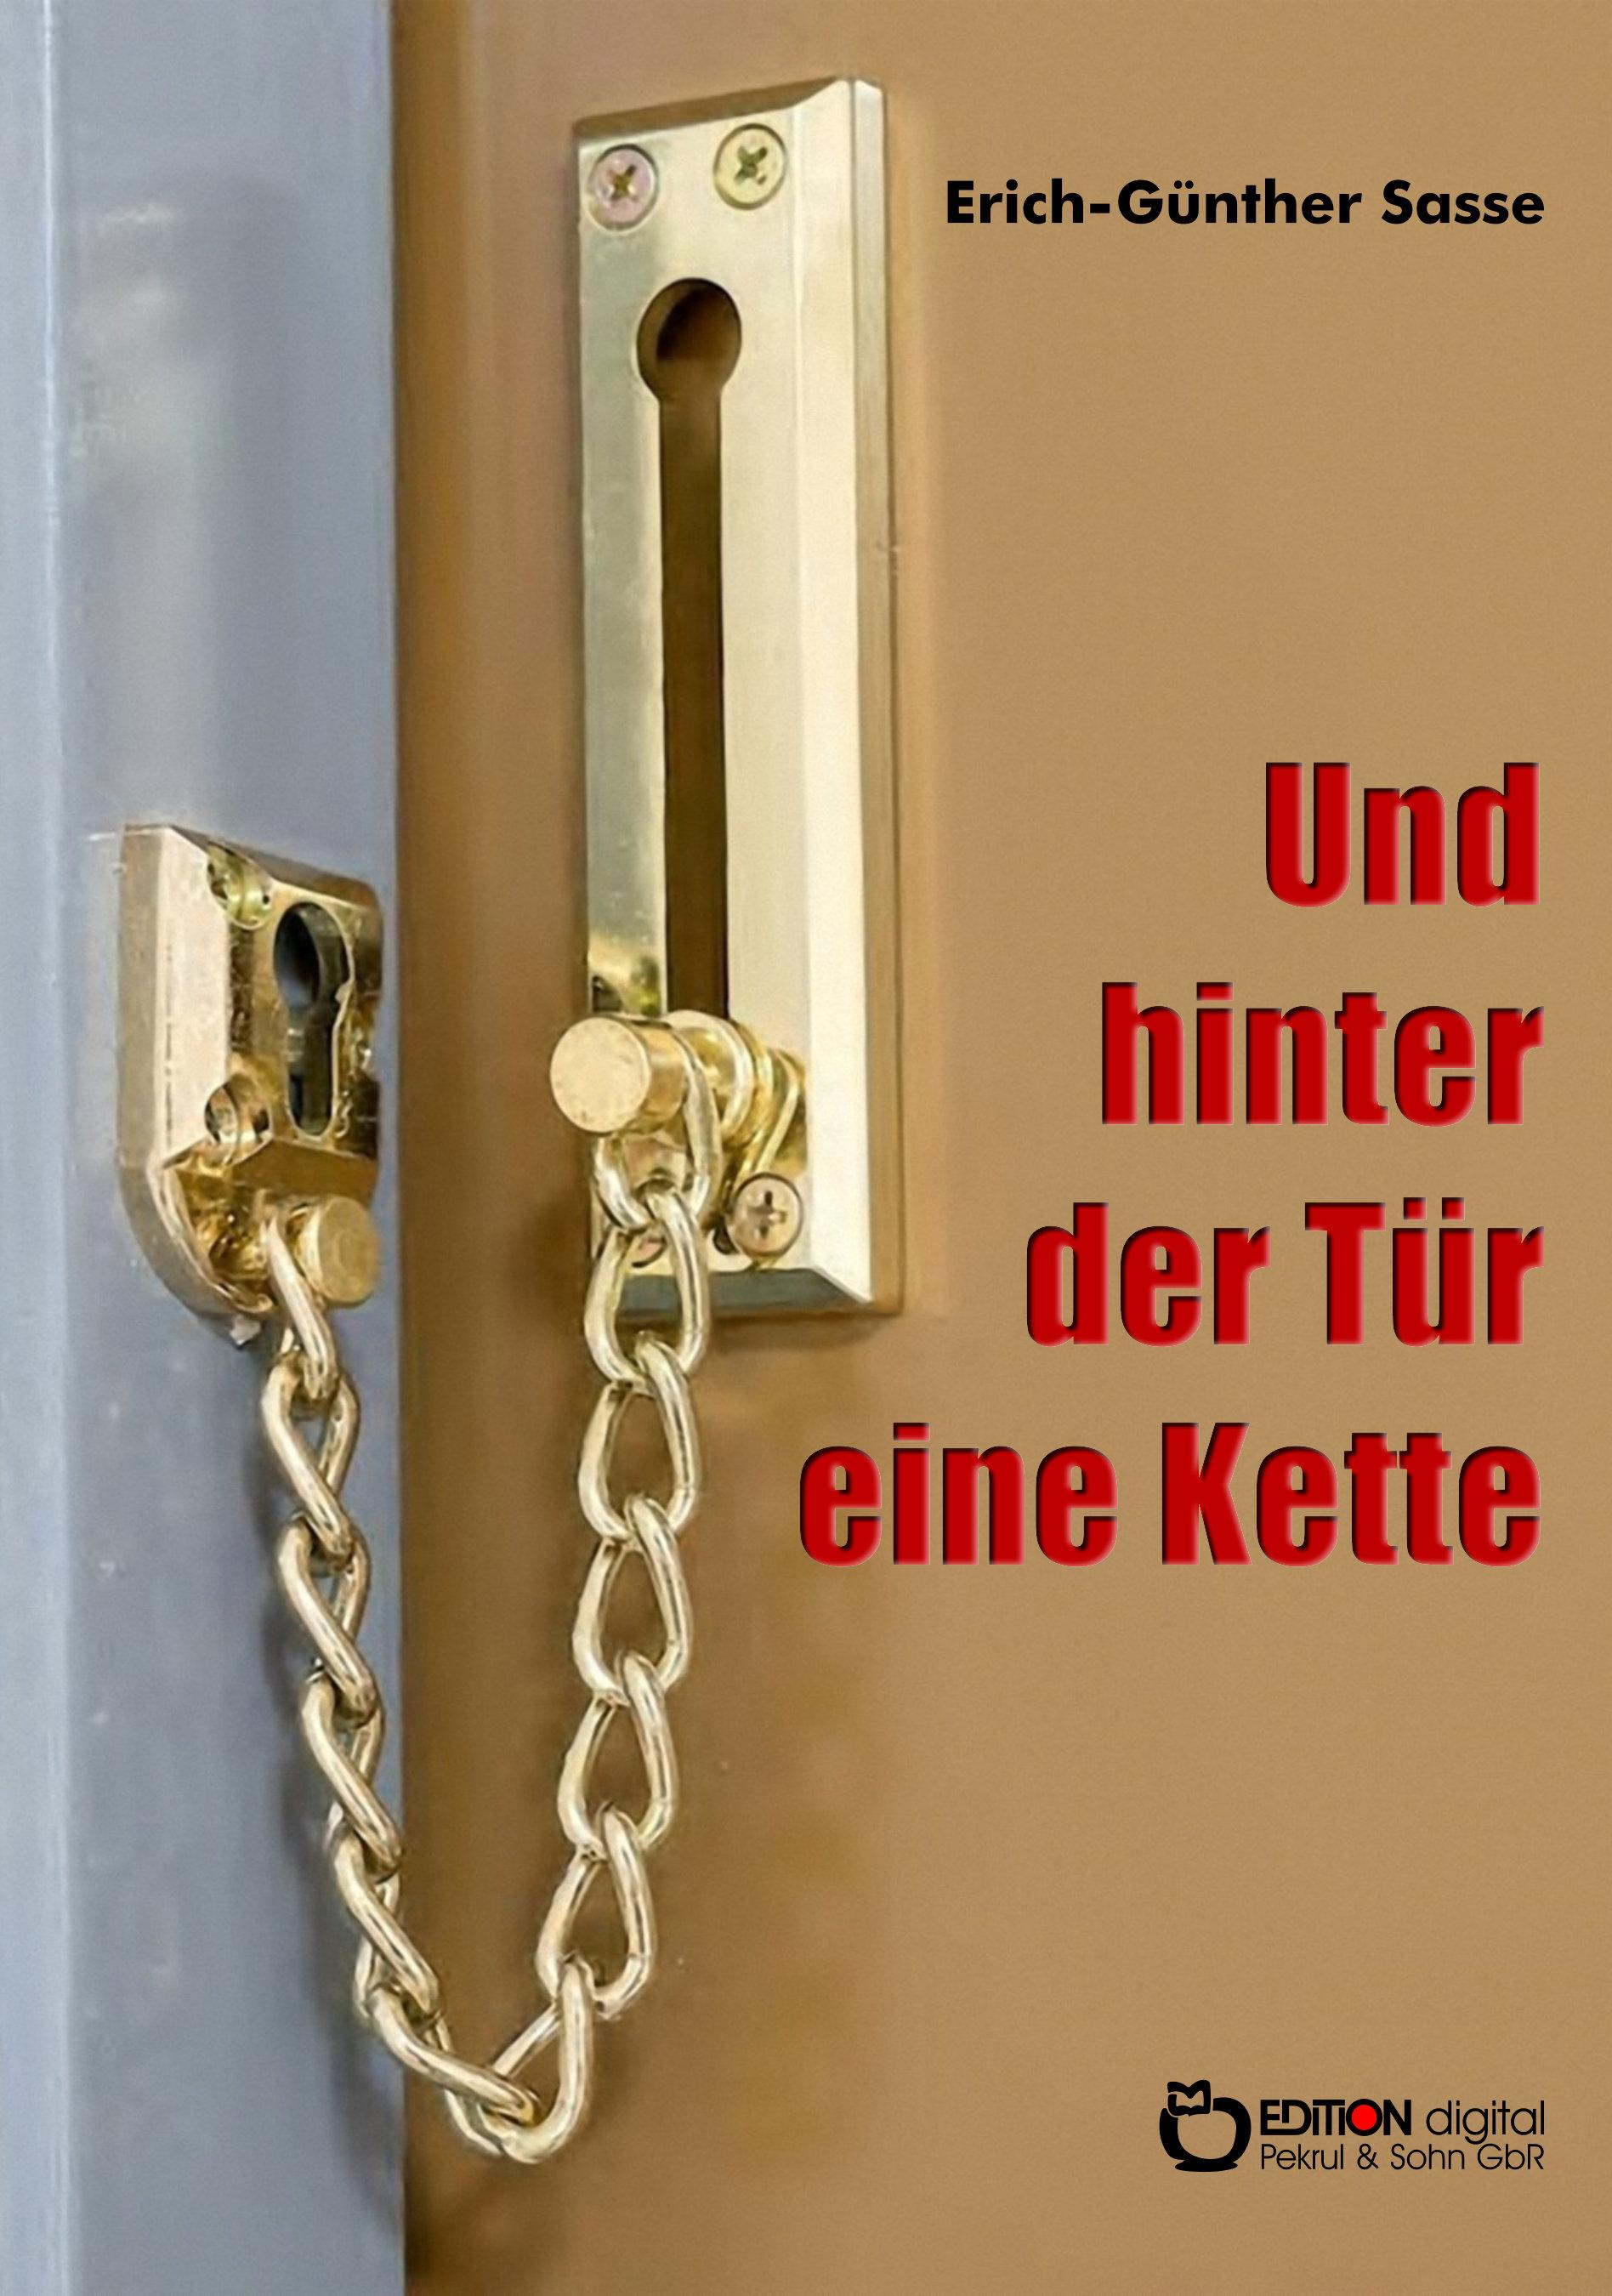 Und hinter der Tür eine Kette von Erich-Günther Sasse